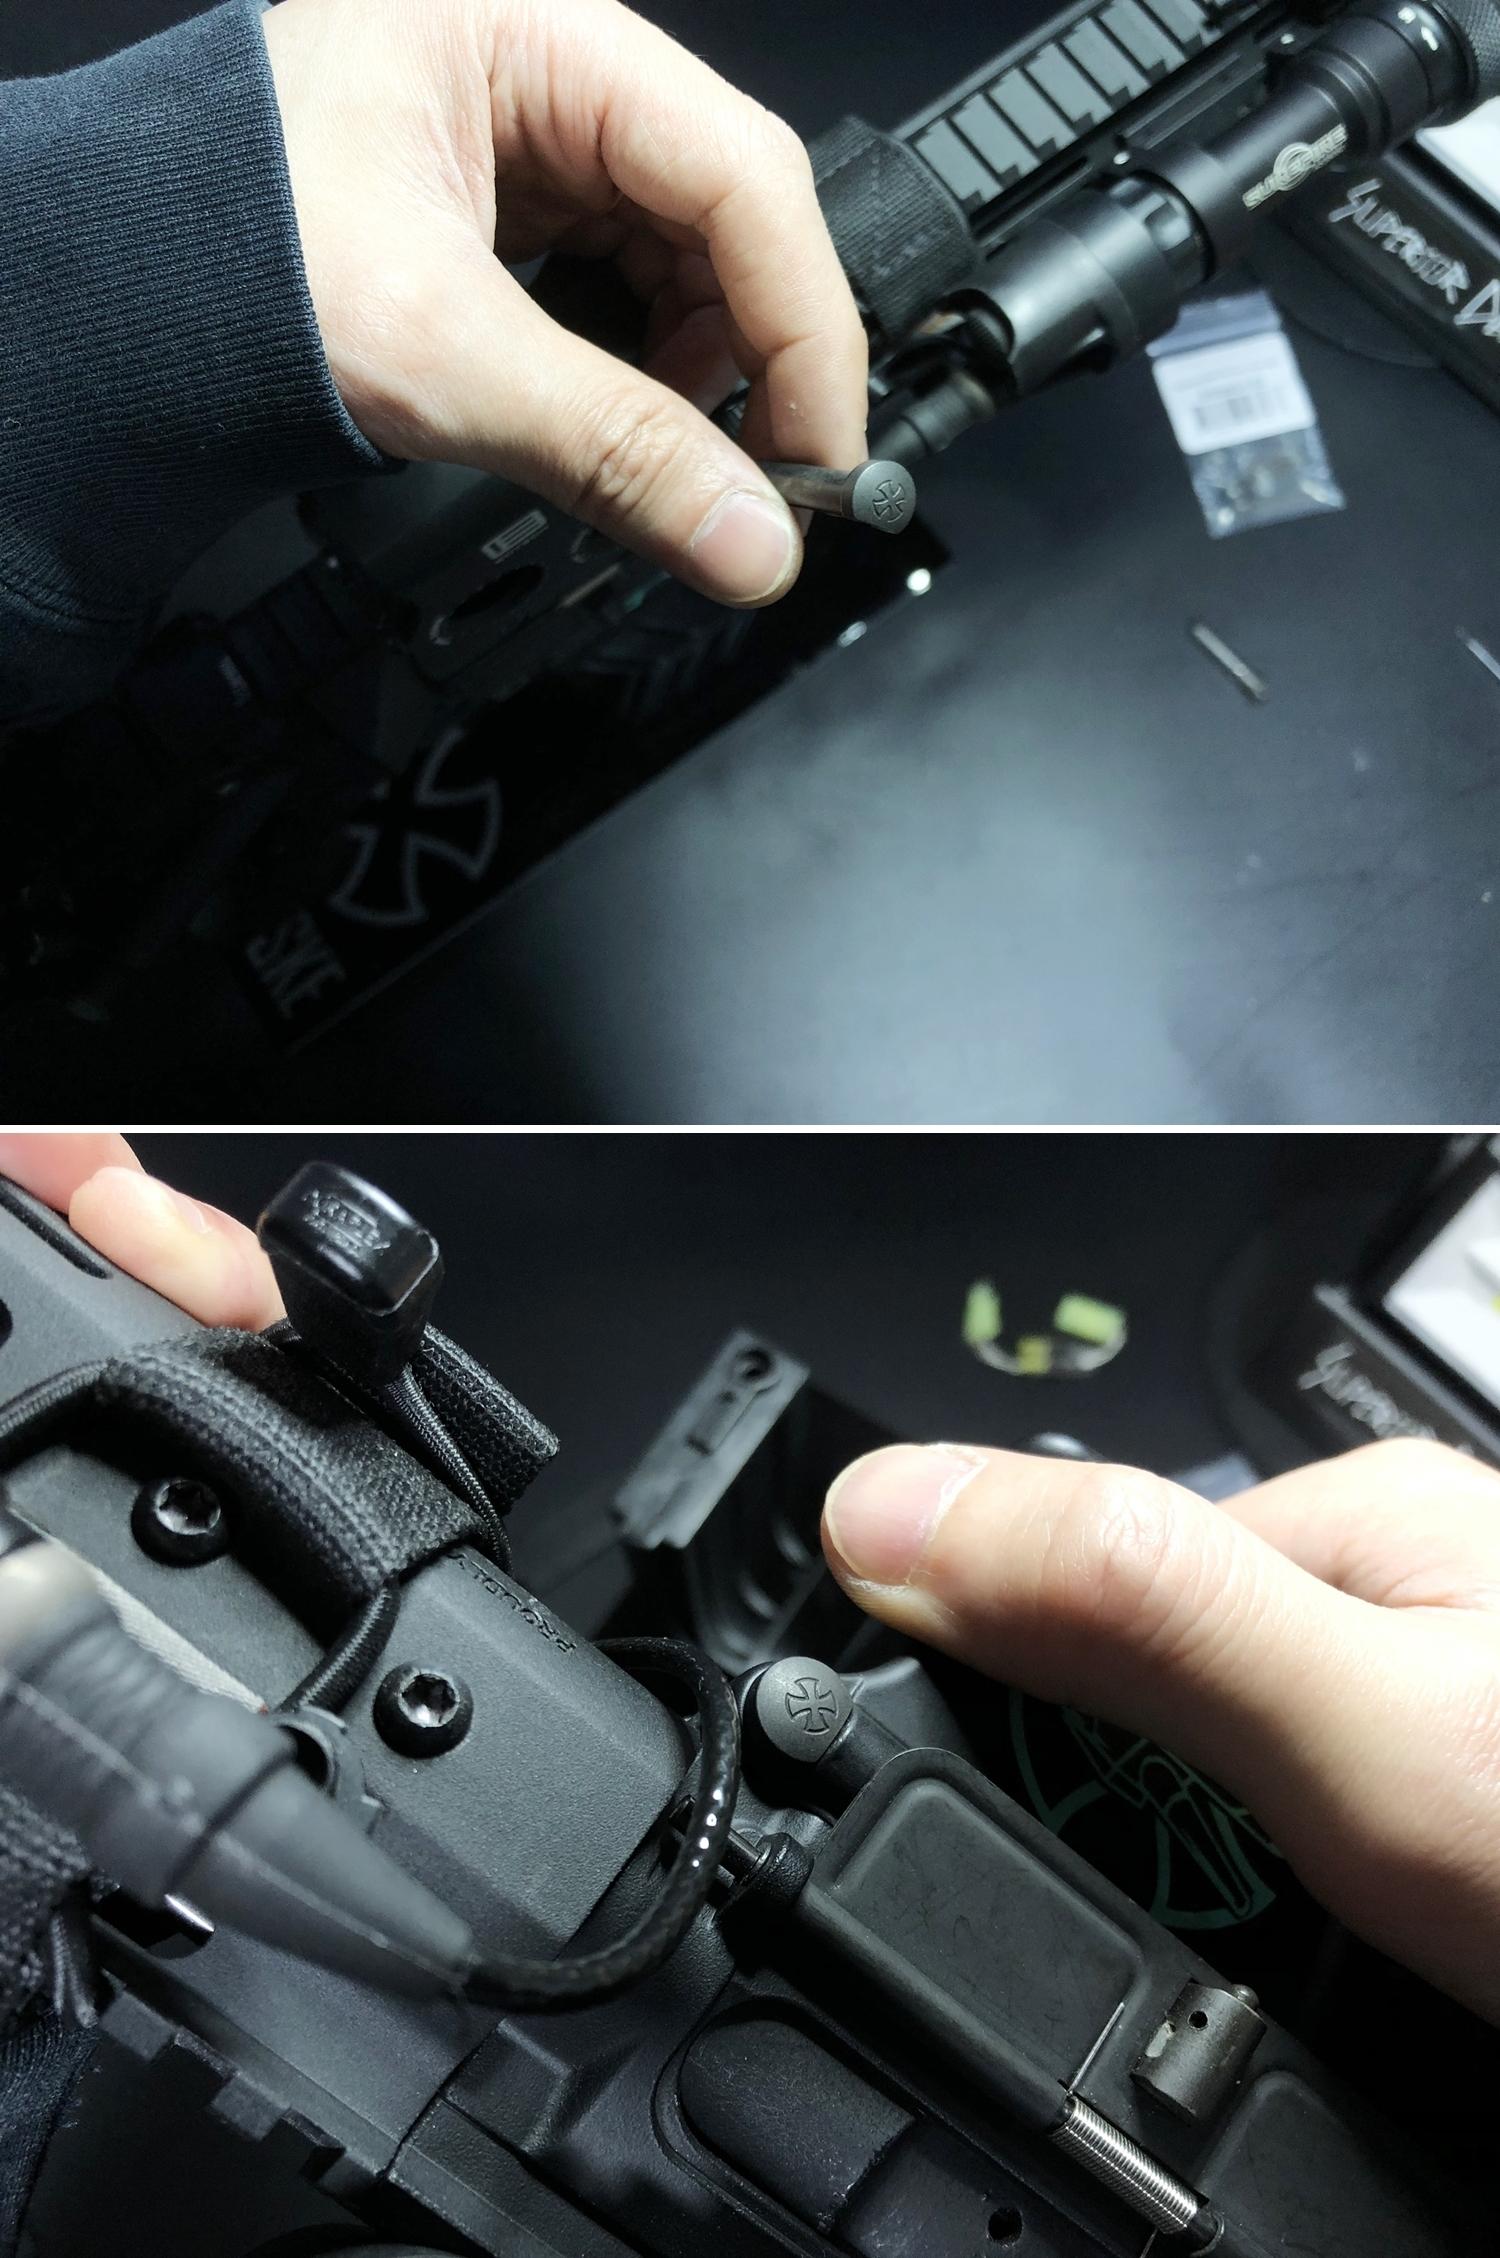 22 実物 NOVESKE AR-15 TAKEDOWN & PIVOT STEEL PIN!! 実物ピンを次世代M4へ対応させるべく簡易的DIY加工だ!ノベスケ ノベスキー スチール テイクダウン ピポッドピン! DIY 加工 カスタム 簡易的 旋盤加工 取付 レビ